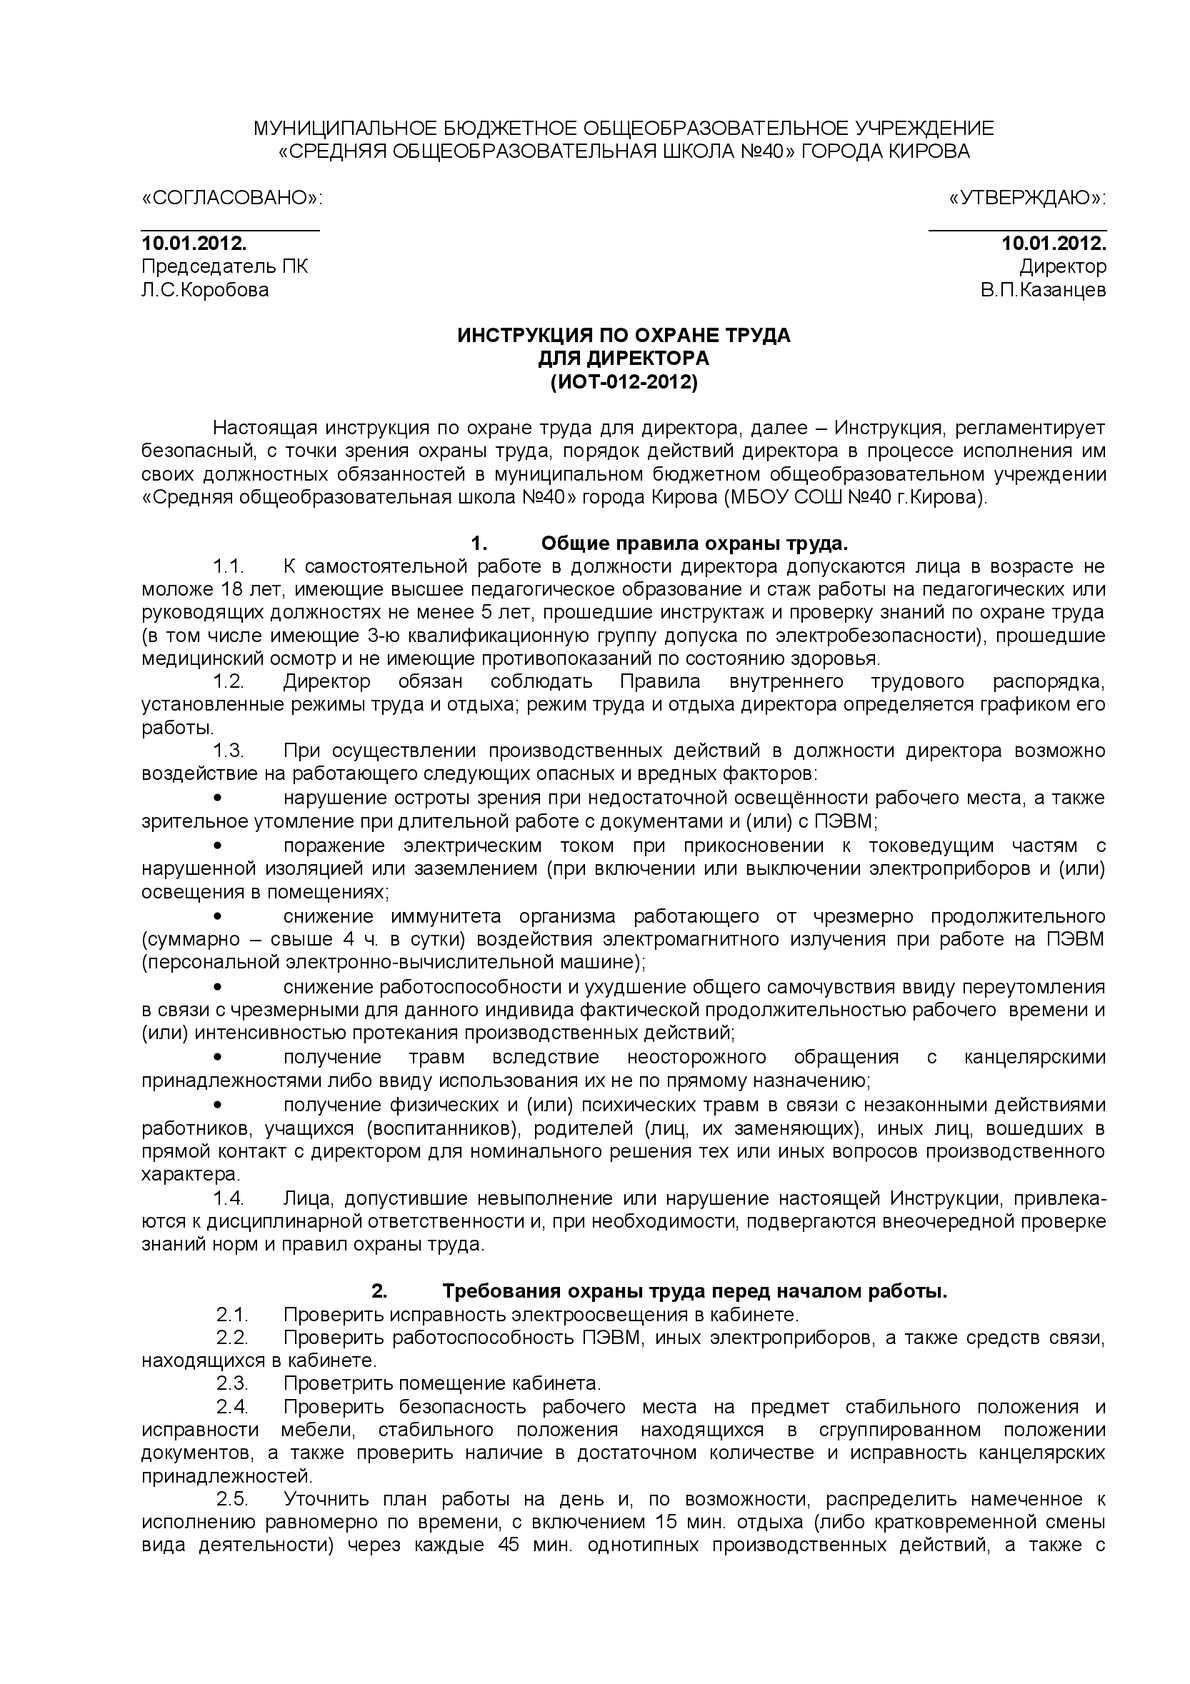 тест по электробезопасности с ответами 2019 ростехнадзор